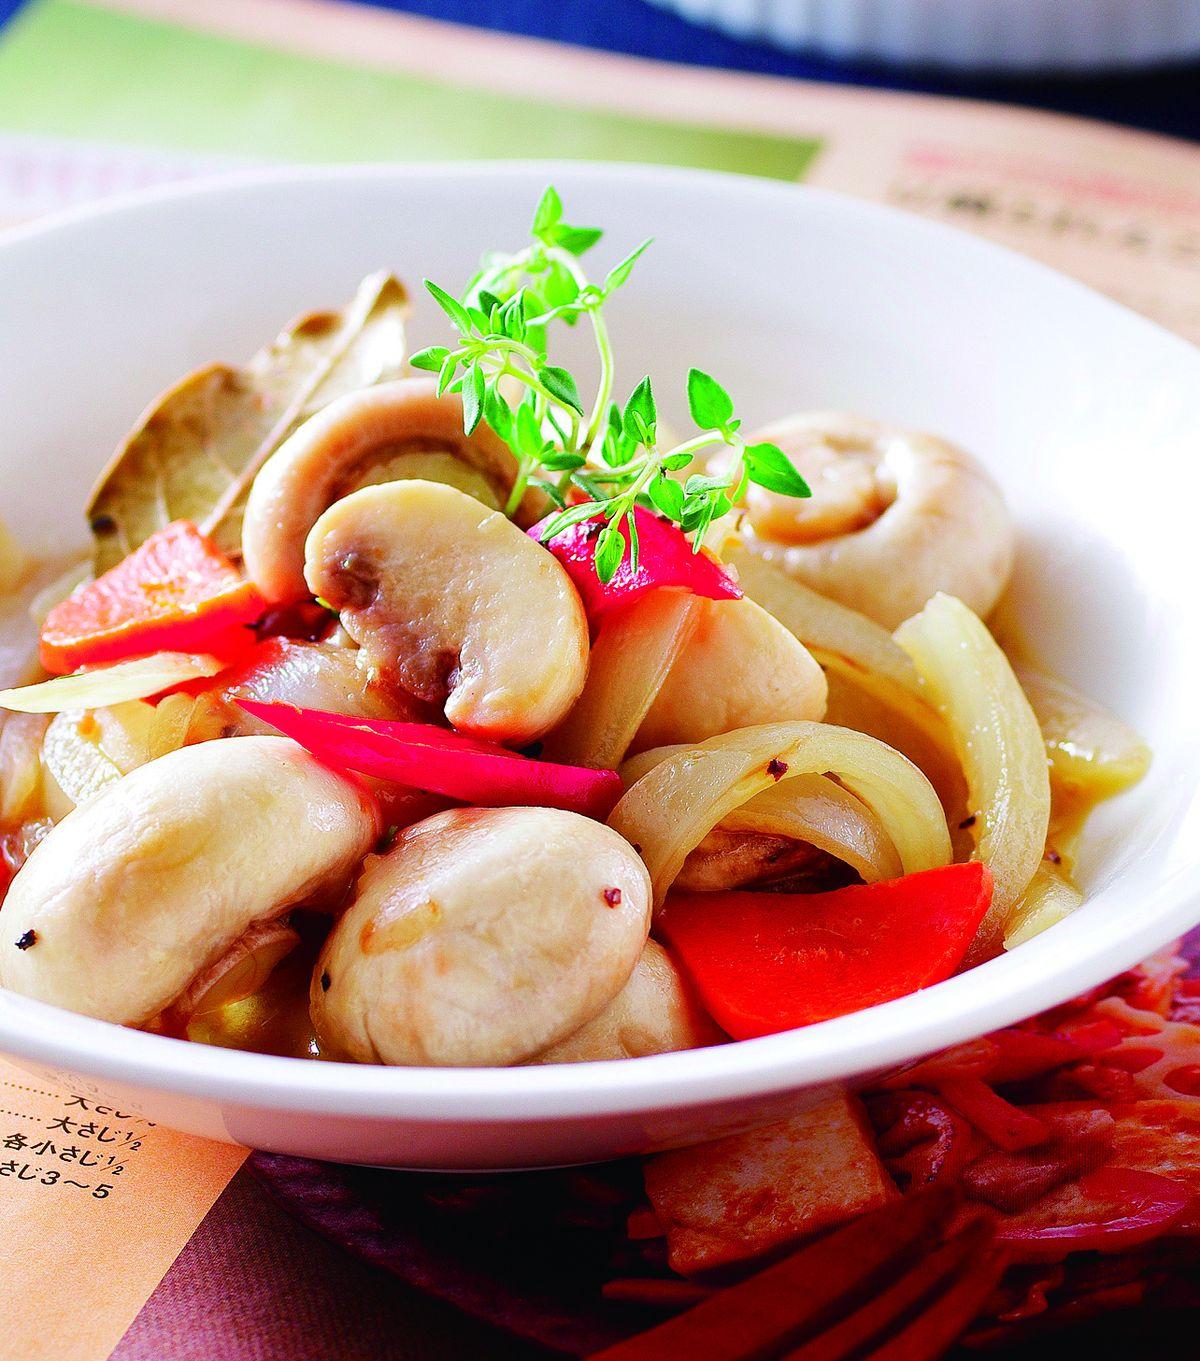 食譜:百里香奶油燴蘑菇